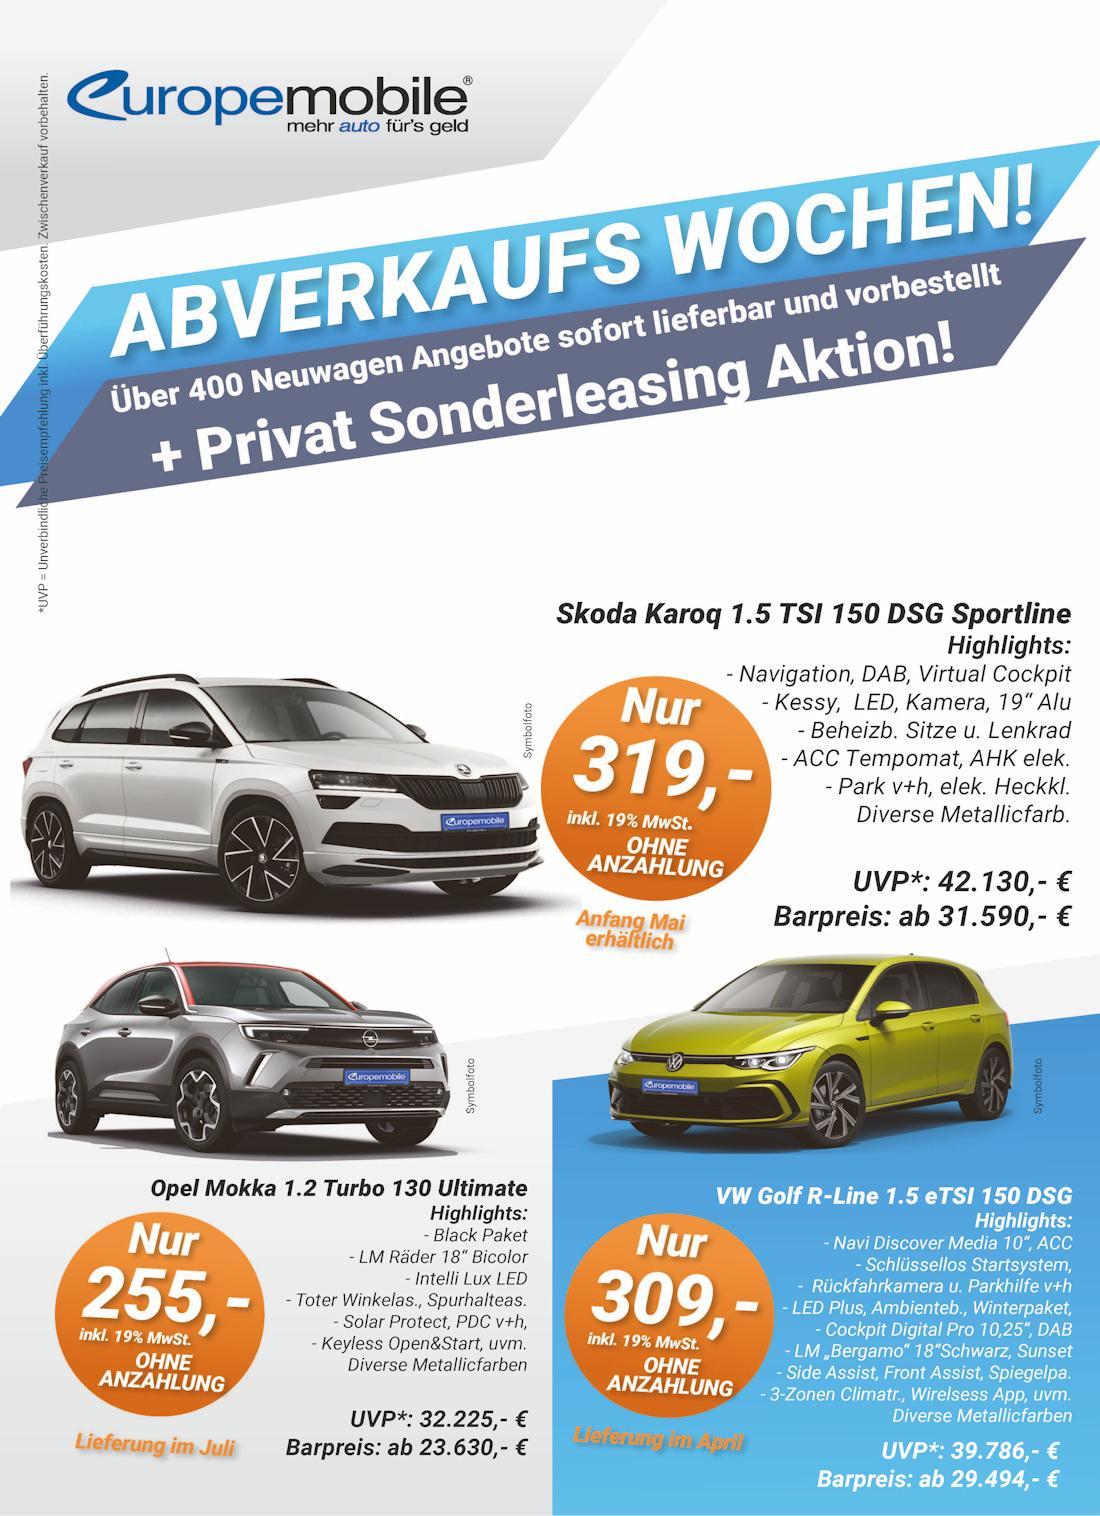 EU Neuwagen Abverkauf und Leasing Aktion